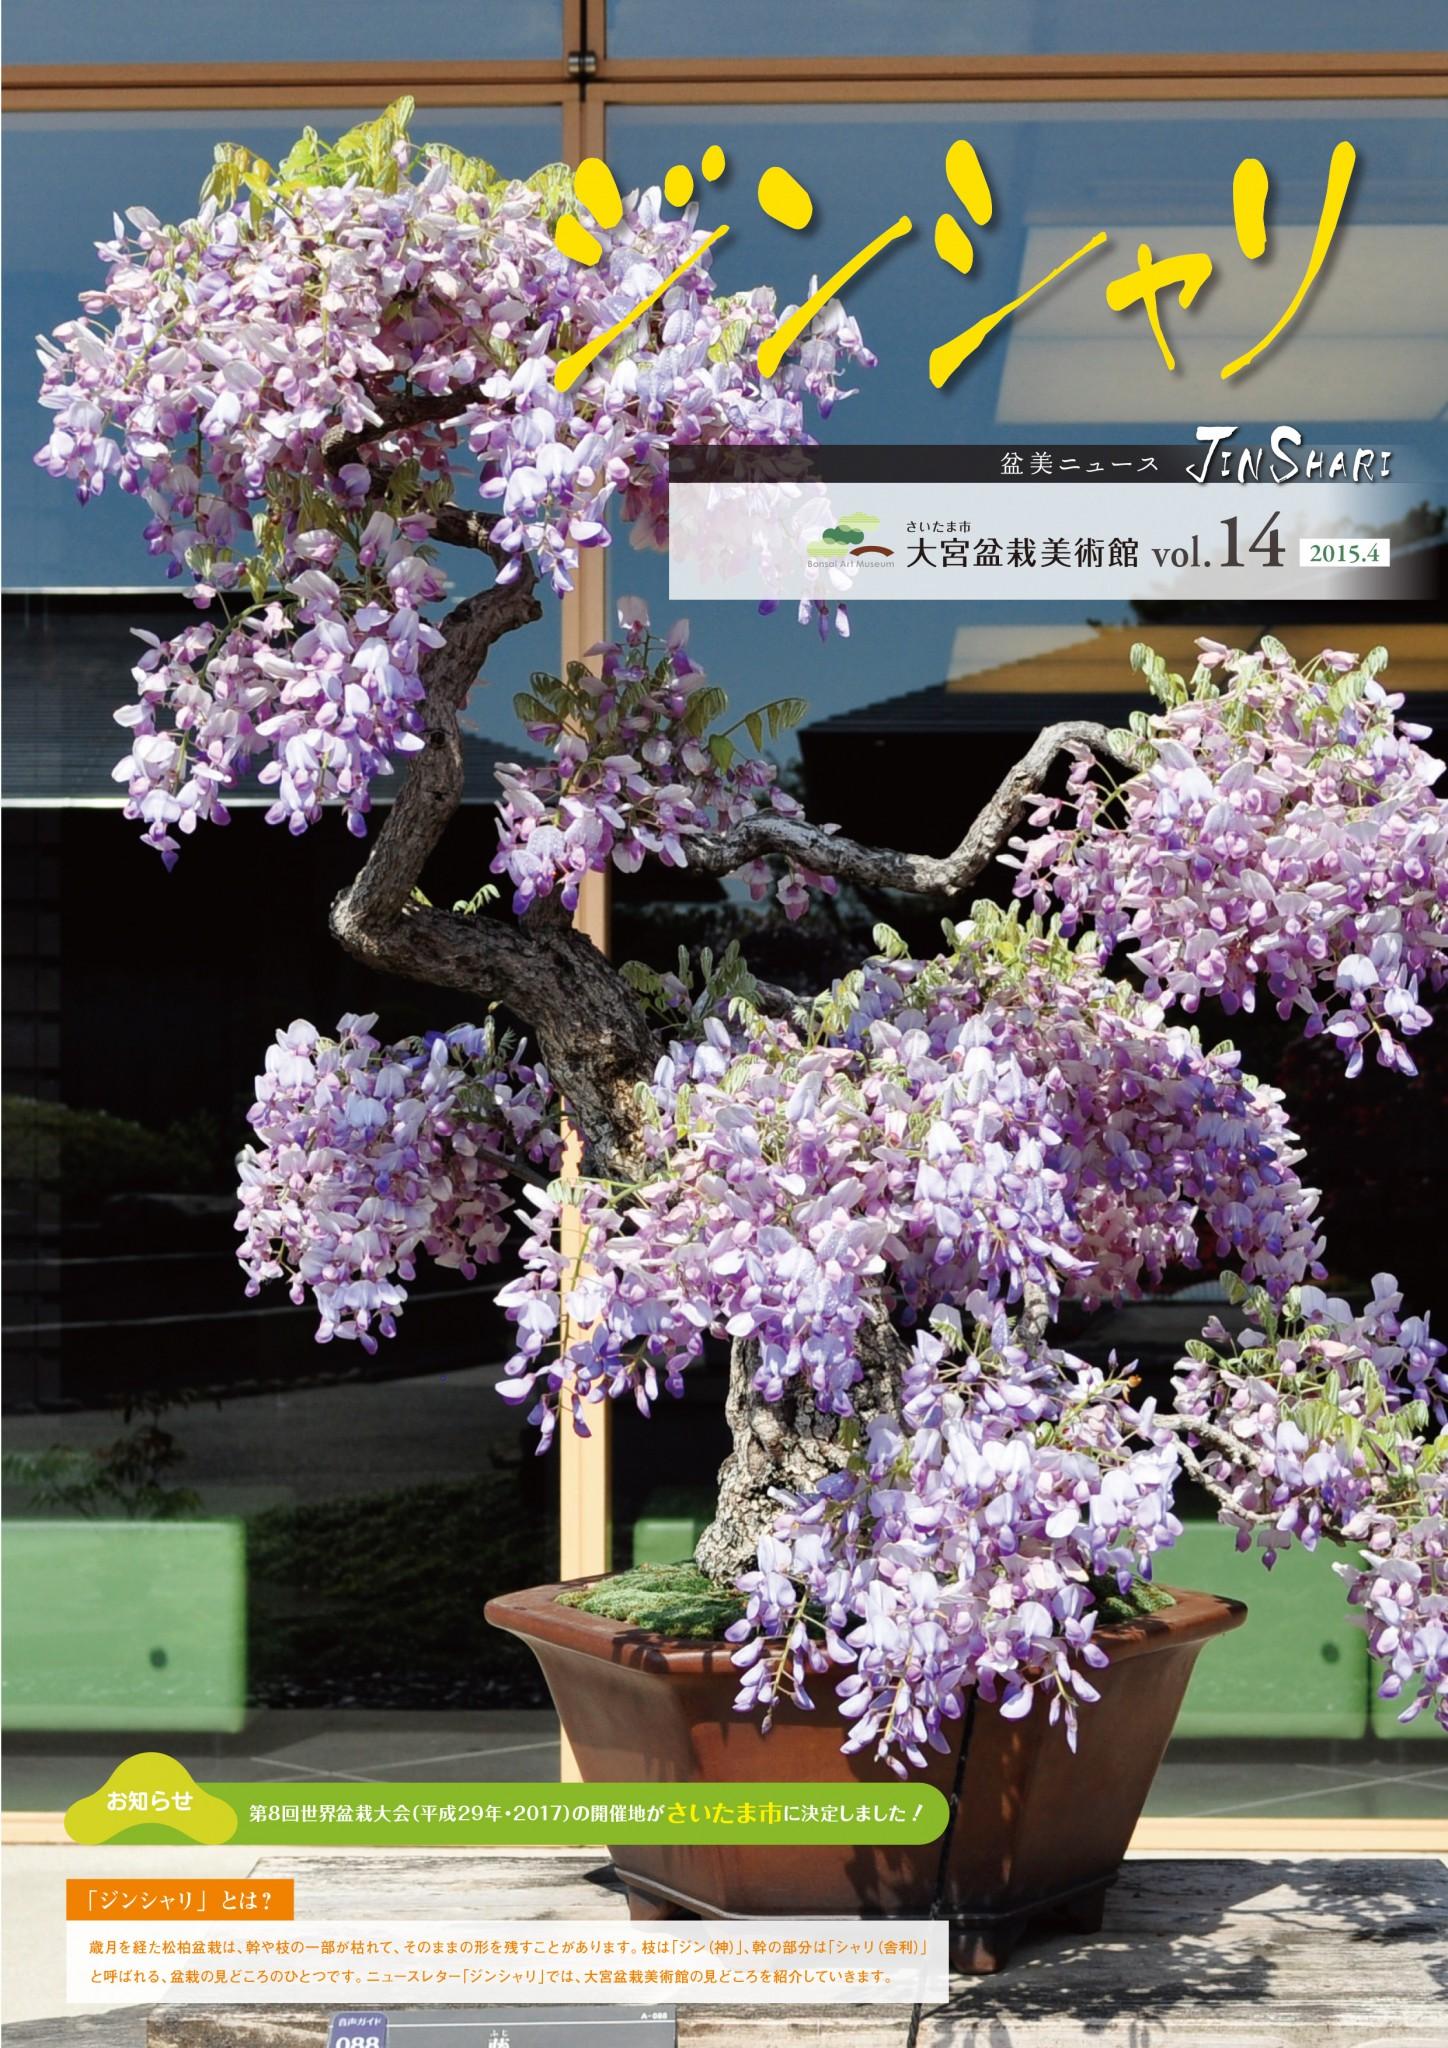 Jinshari Vol.14